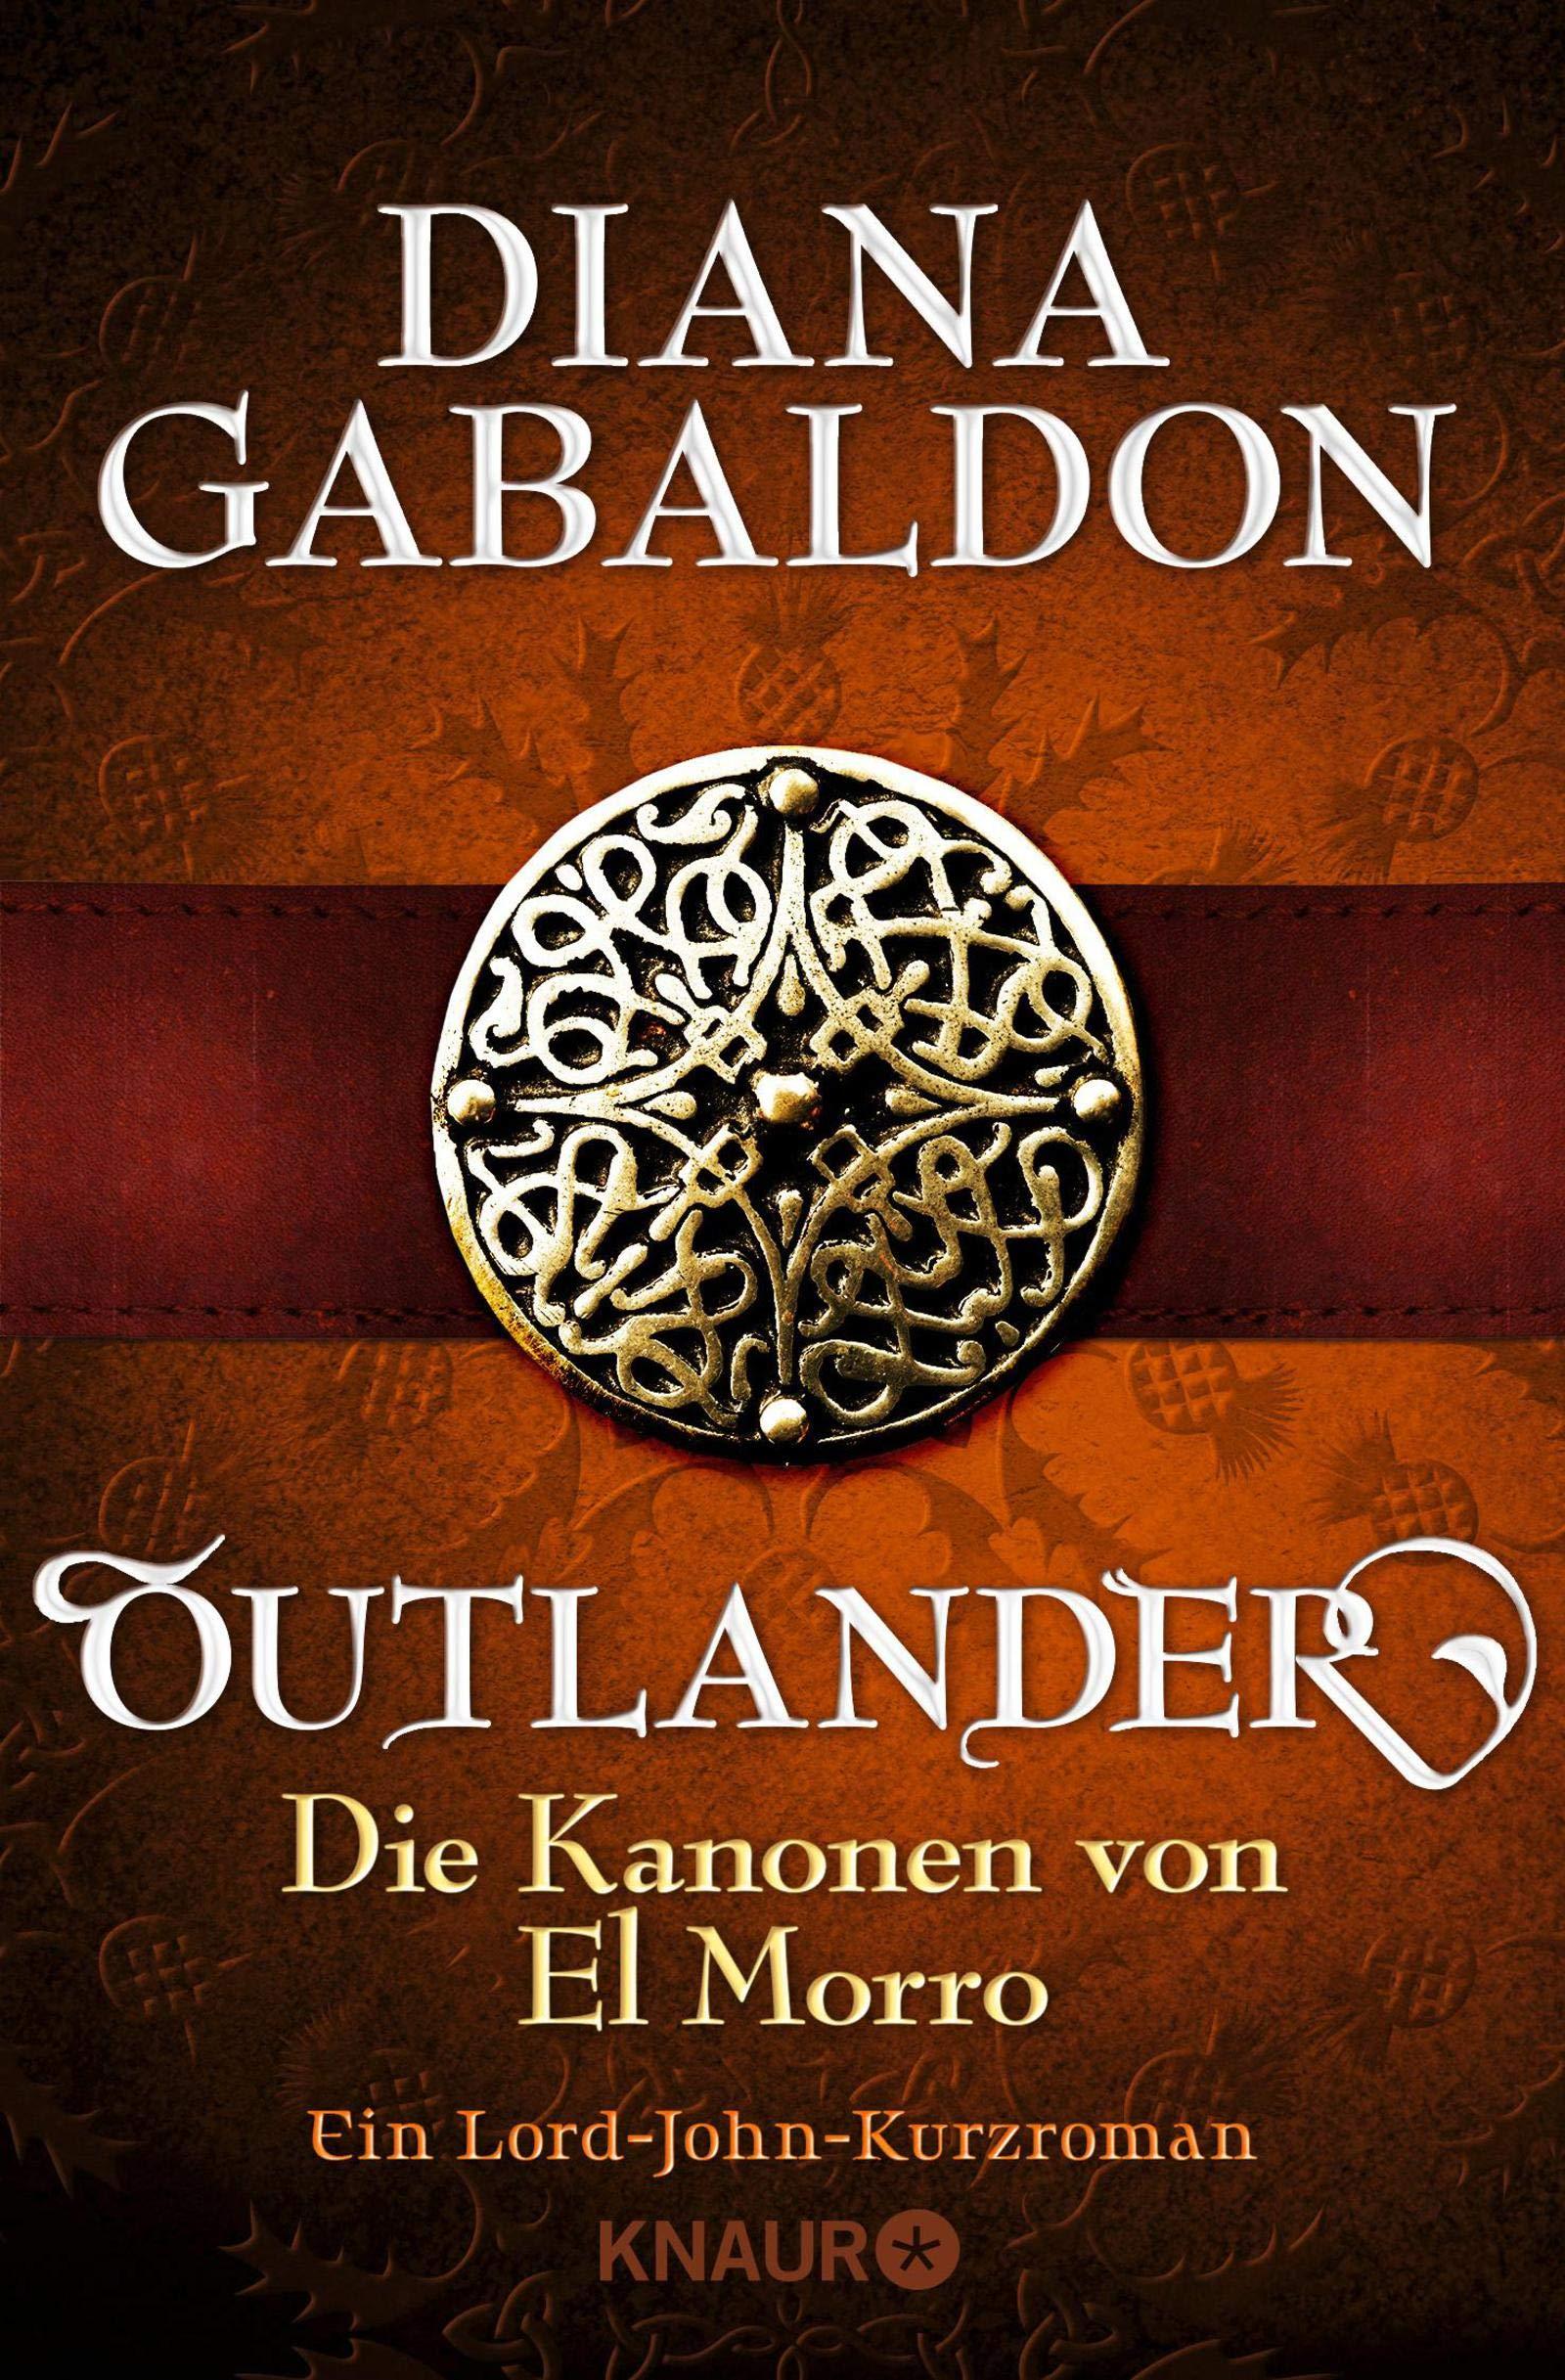 Outlander - Die Kanonen von El Morro: Ein Lord-John-Kurzroman